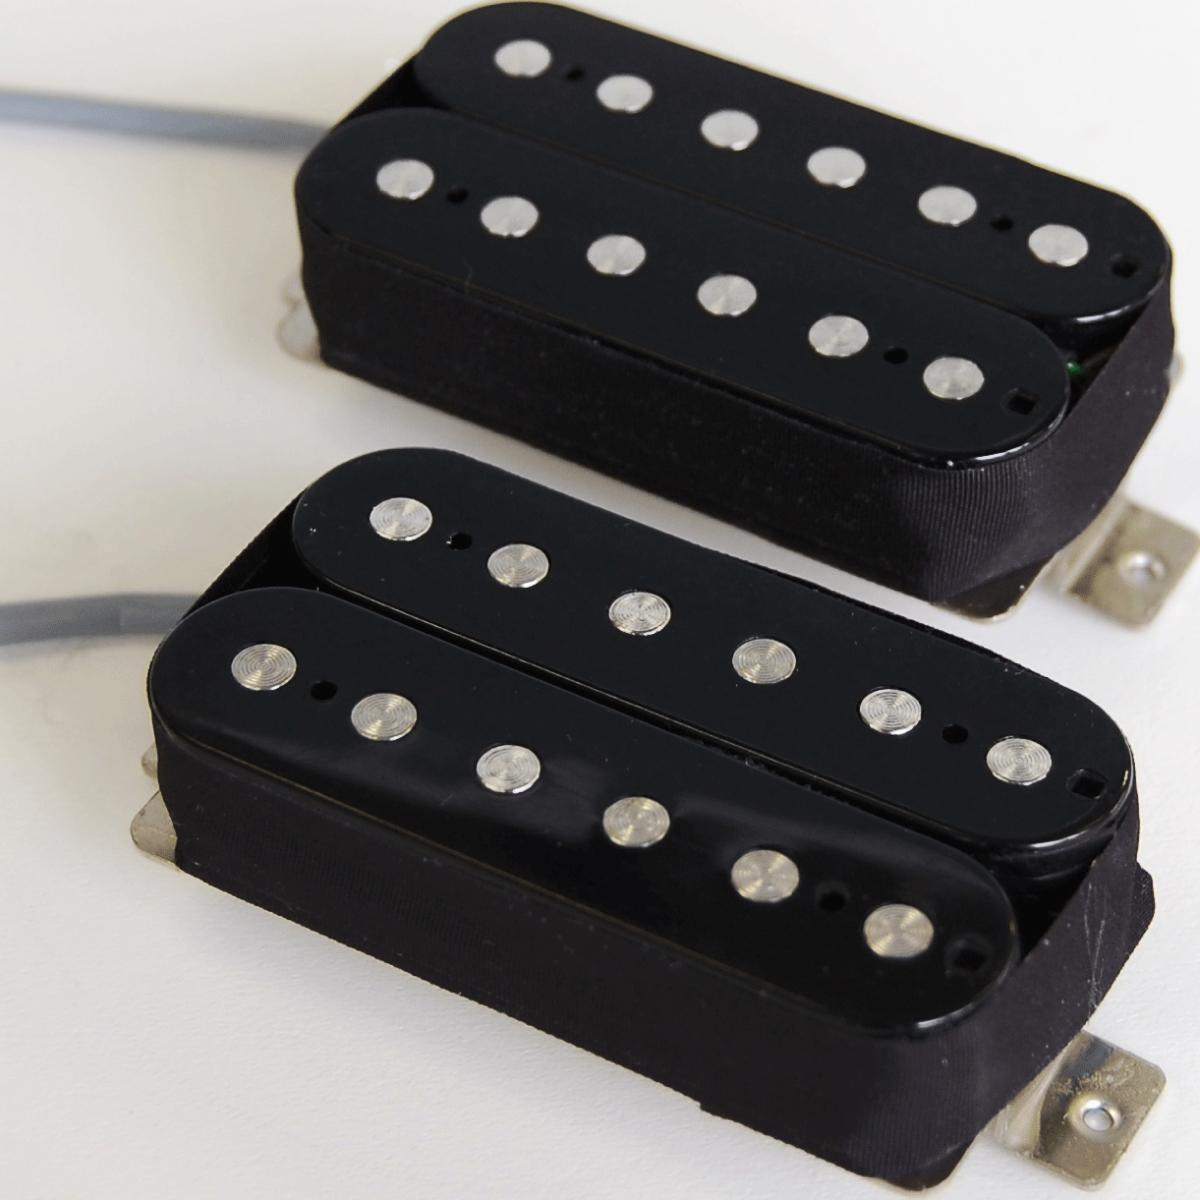 【納期 2~3ヶ月】Lundgren Model M6 set / ラングレン ギターピックアップ ハムバッカー【お取り寄せ】【代引き不可】